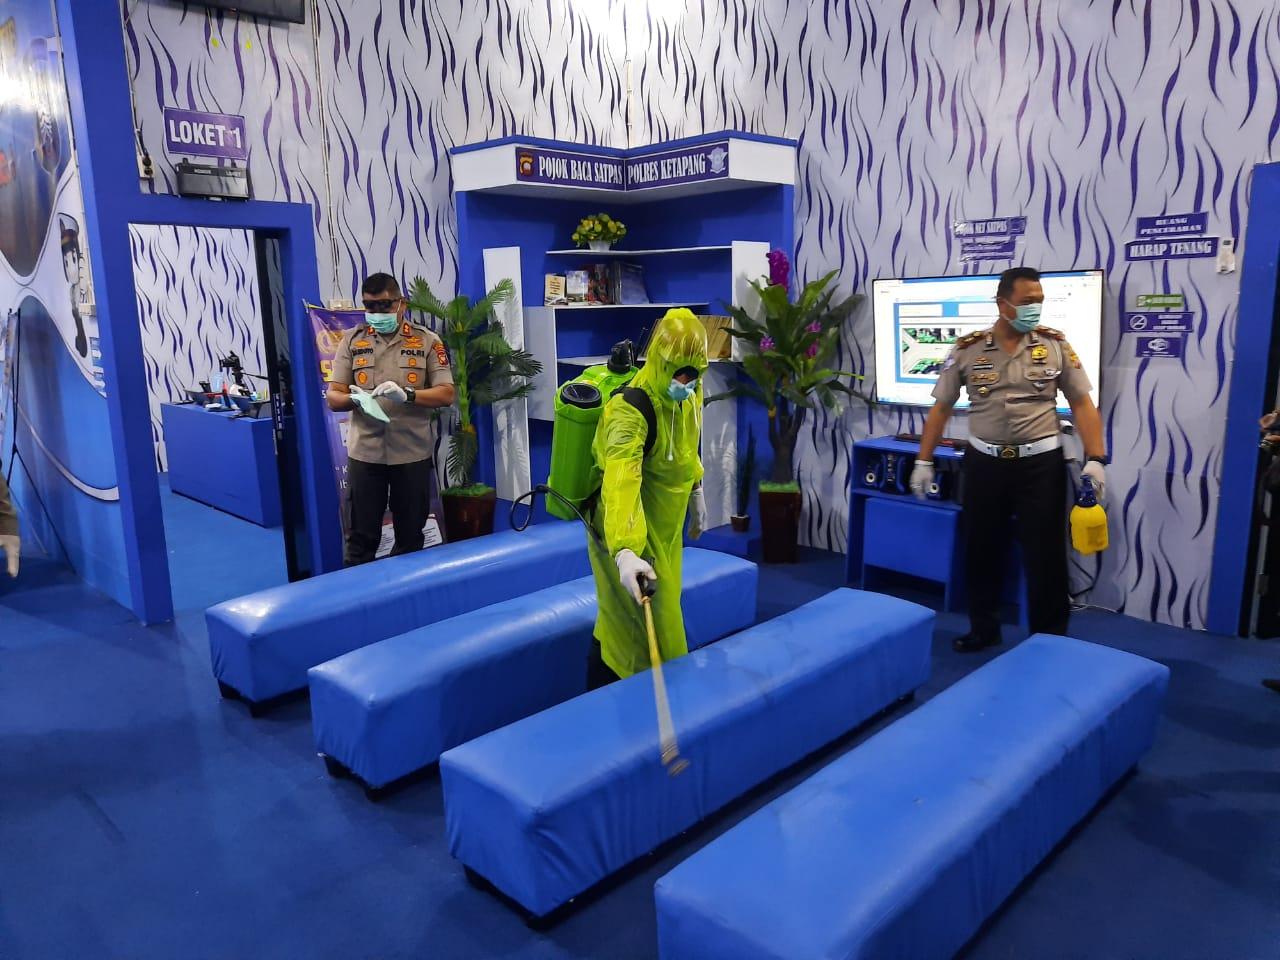 Sat Lantas Polres Ketapang Lakukan Penyemprotan Desinfektan Ruangan Layanan Publik